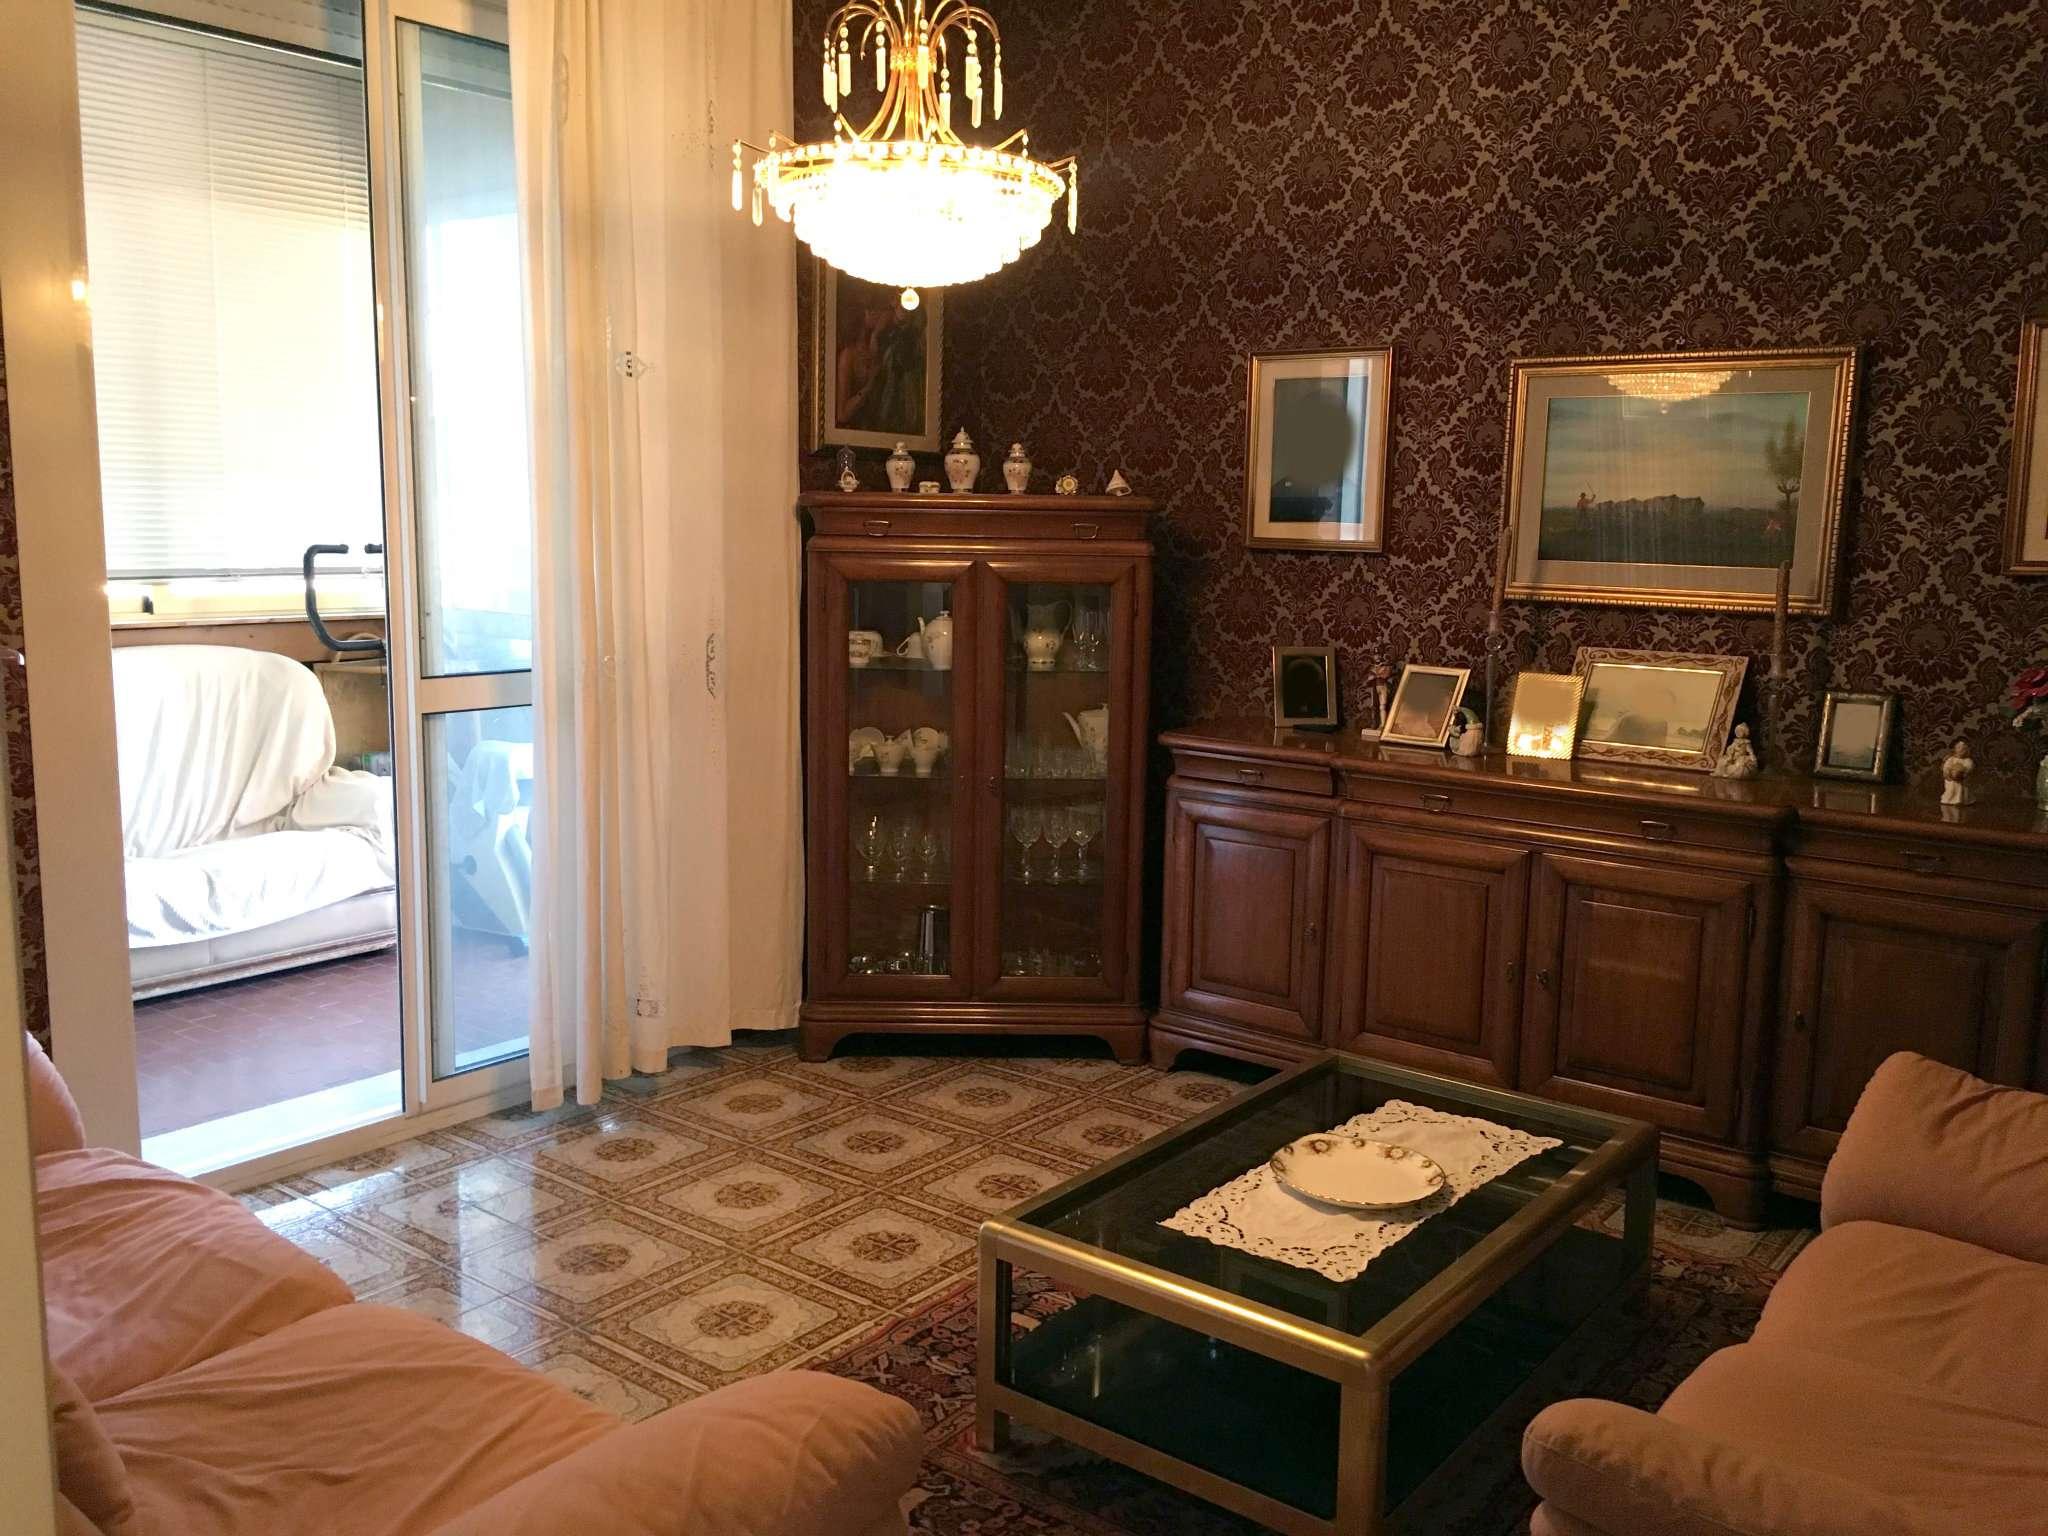 Attico / Mansarda in vendita a Ravenna, 4 locali, prezzo € 230.000 | Cambio Casa.it